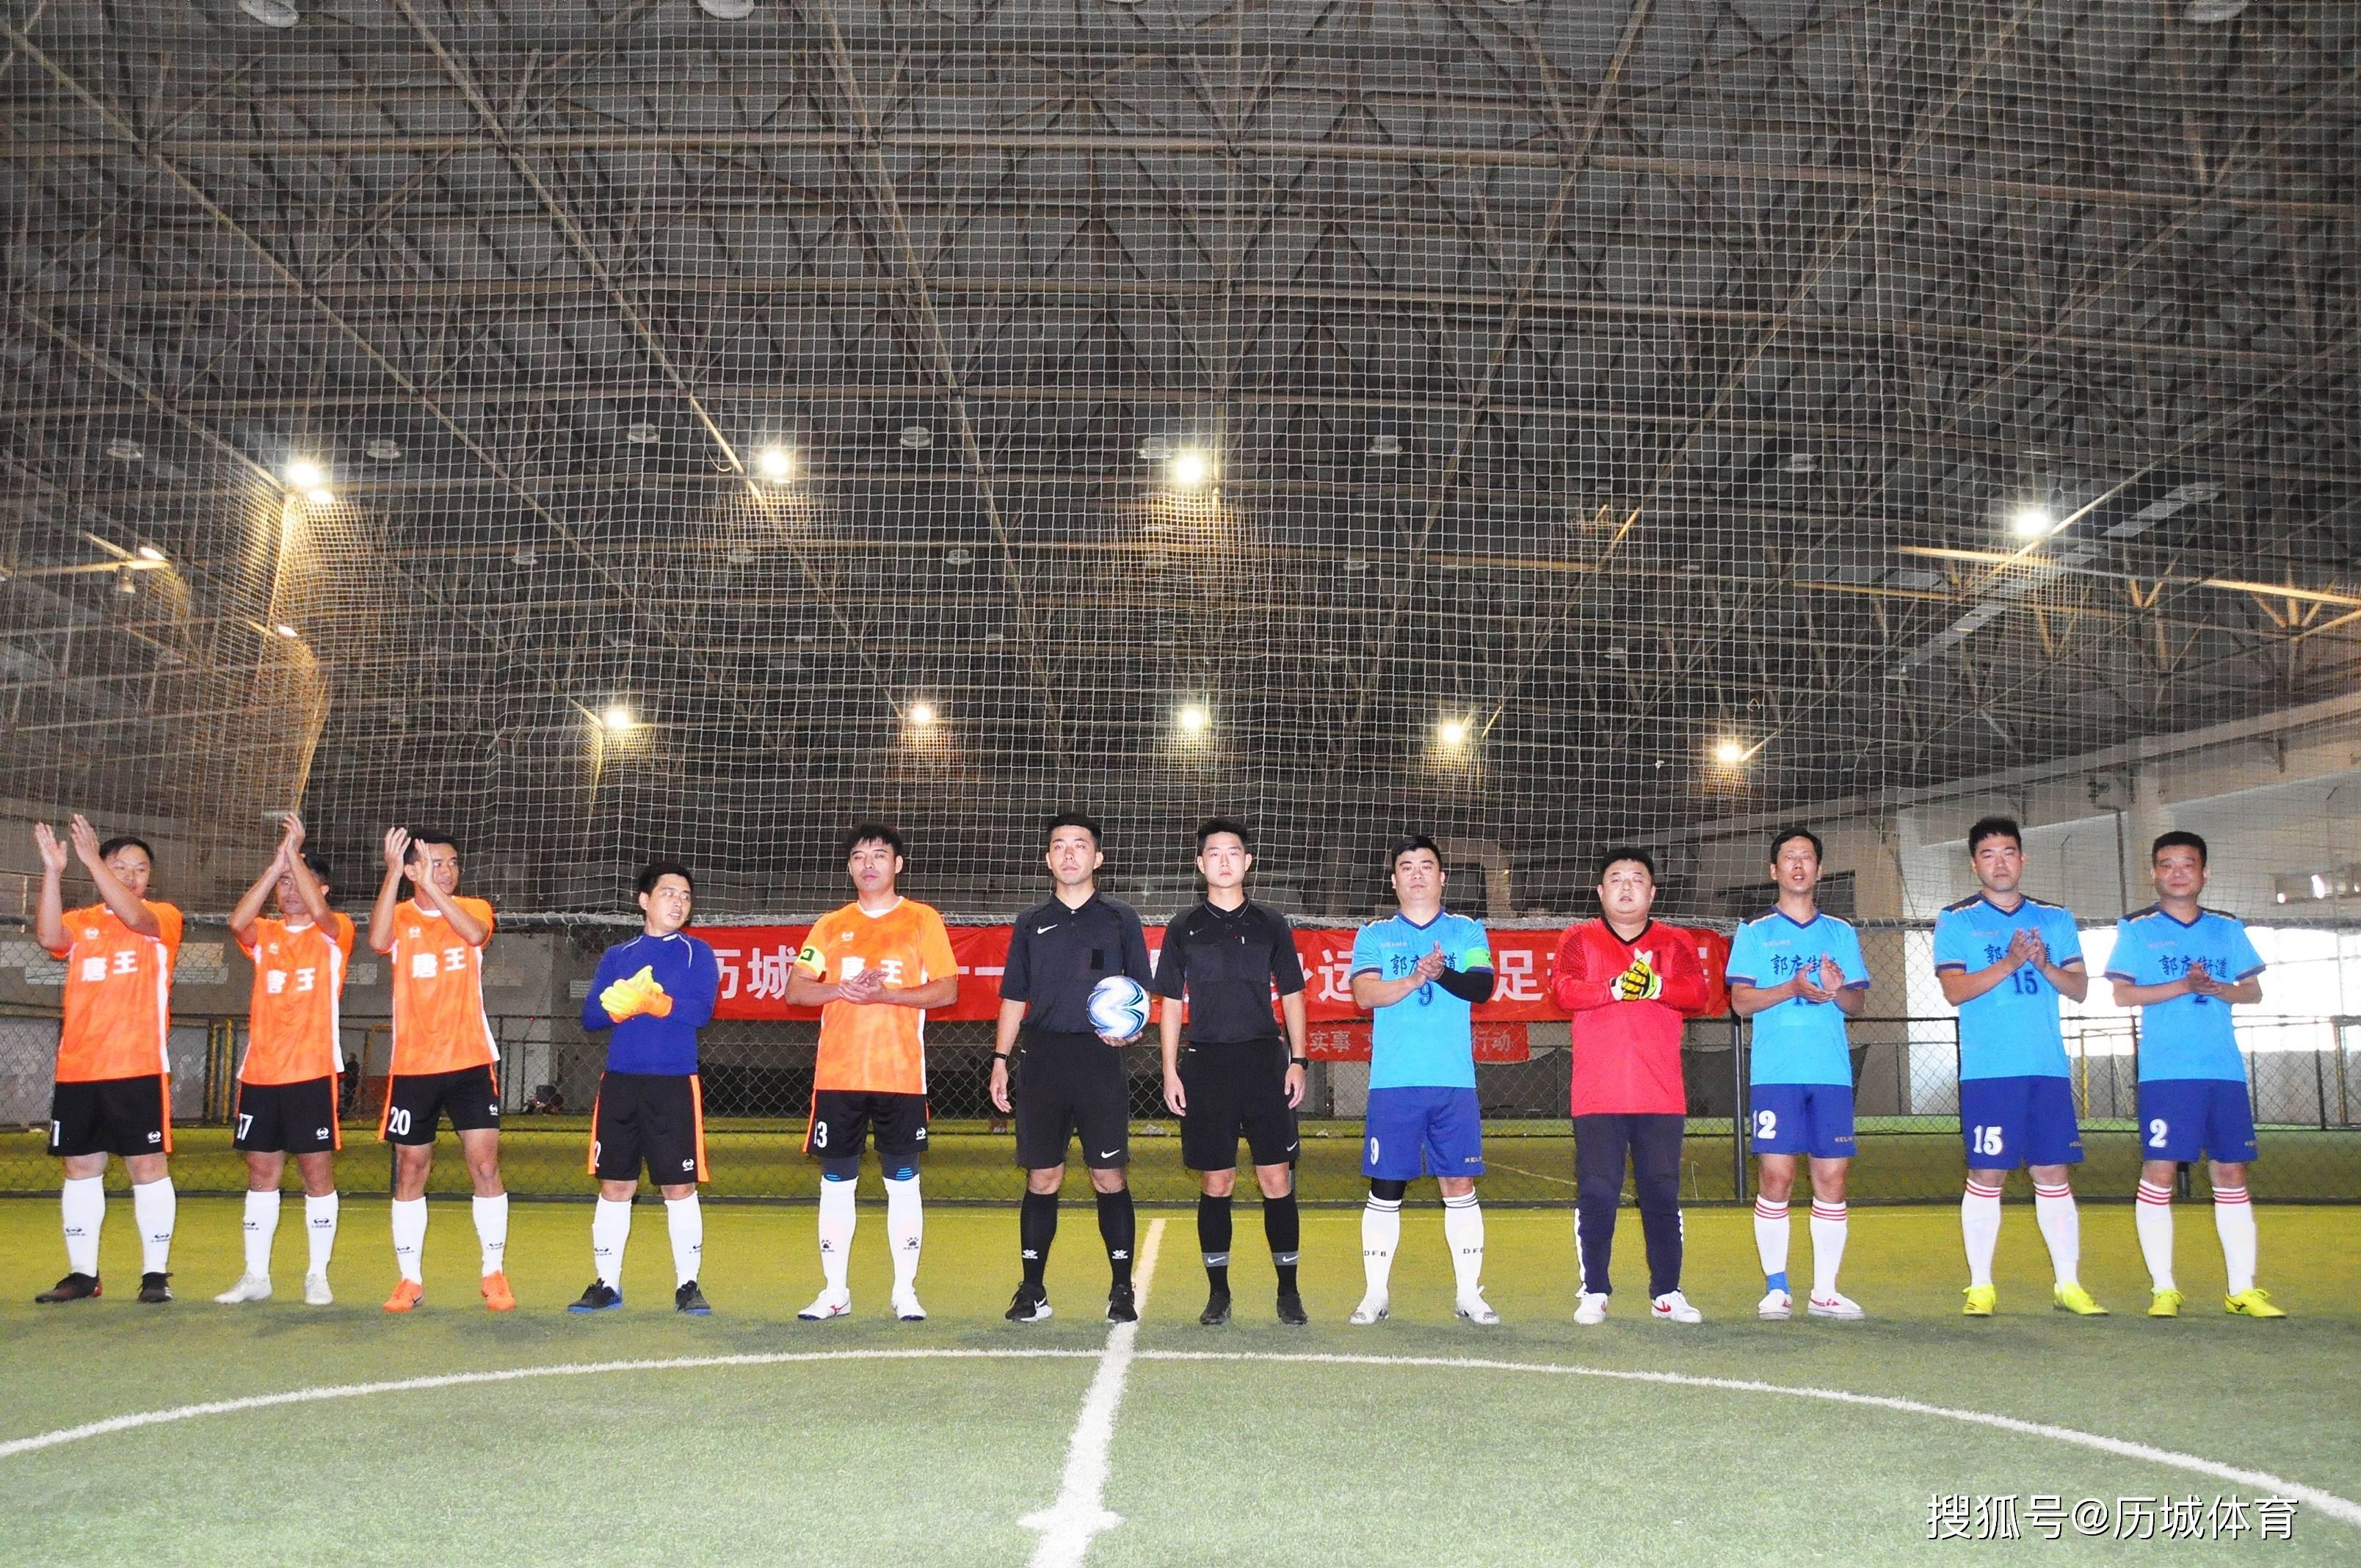 韩国足球有几个级别联赛_韩国足球联赛 第2级_韩国足球k联赛